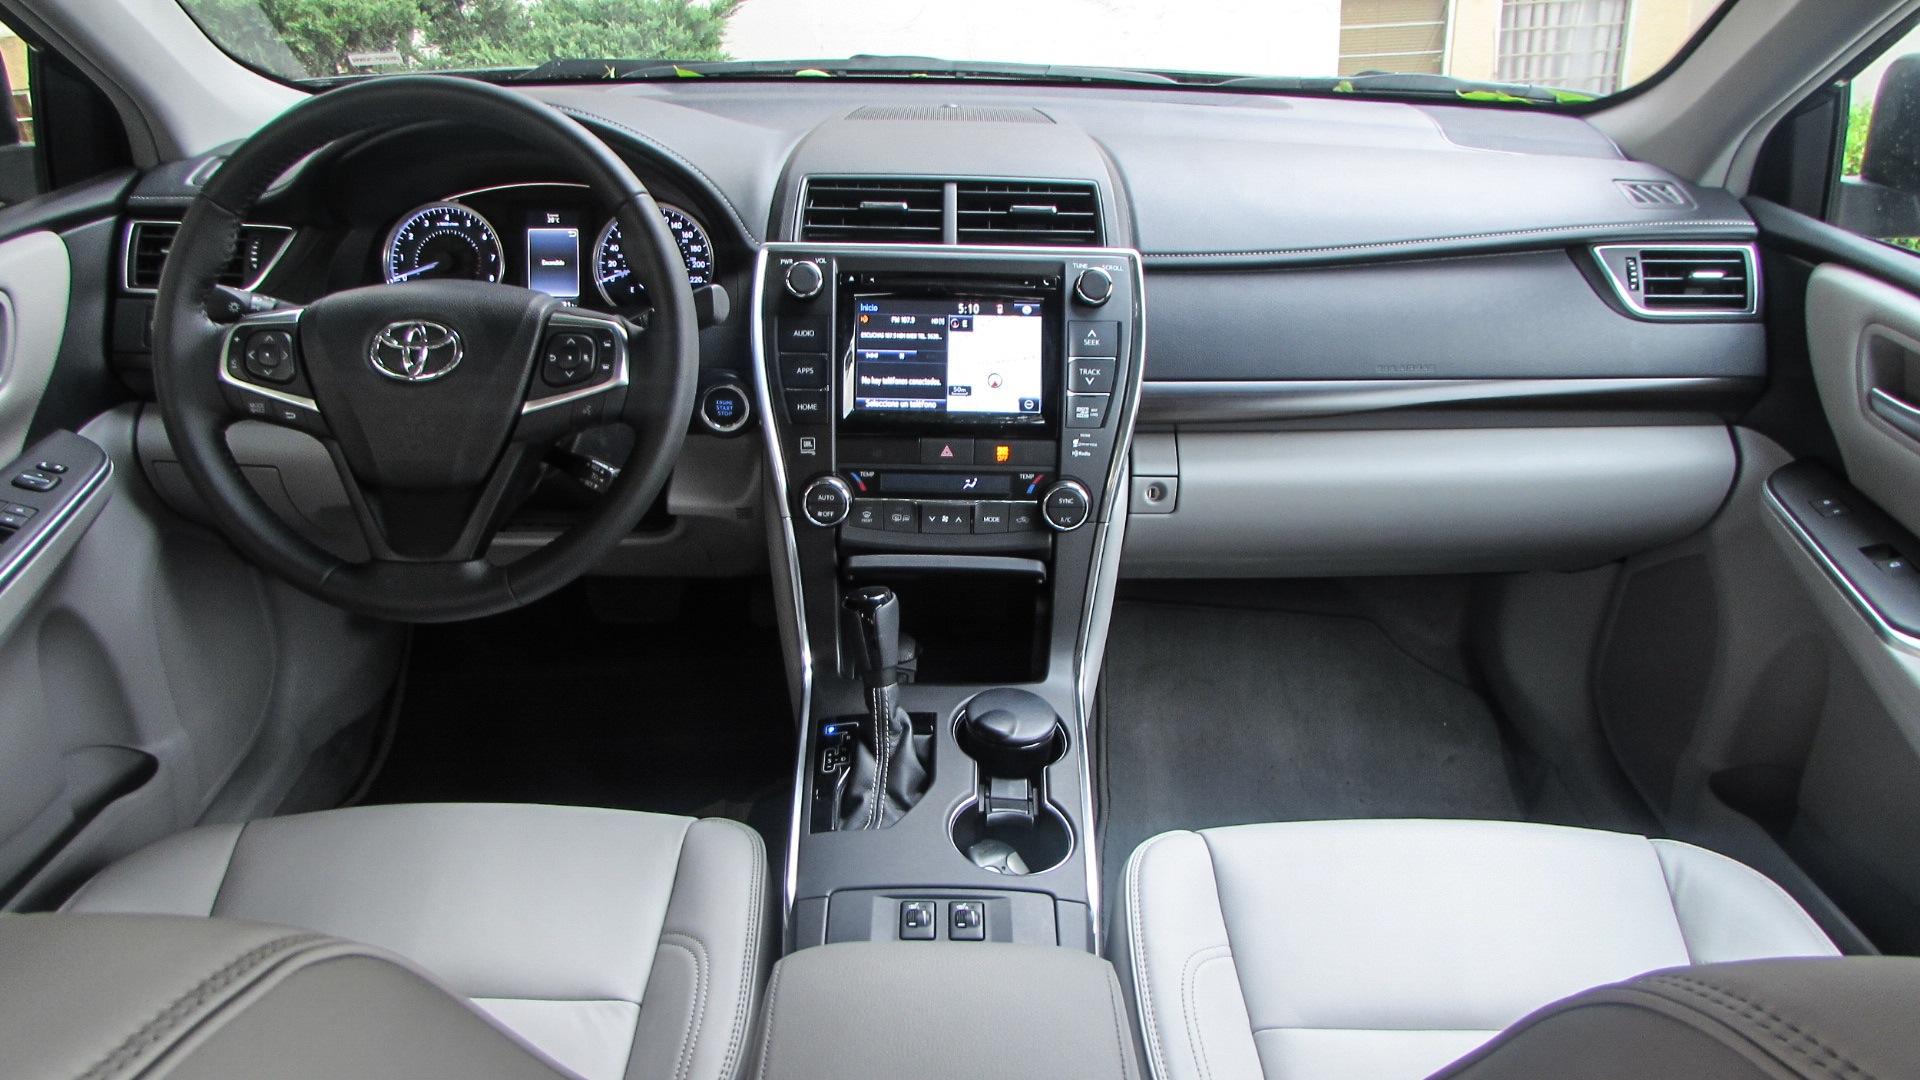 Toyota Camry 2015 Xle V6 Muy Buen Balance Y Desempe 241 O